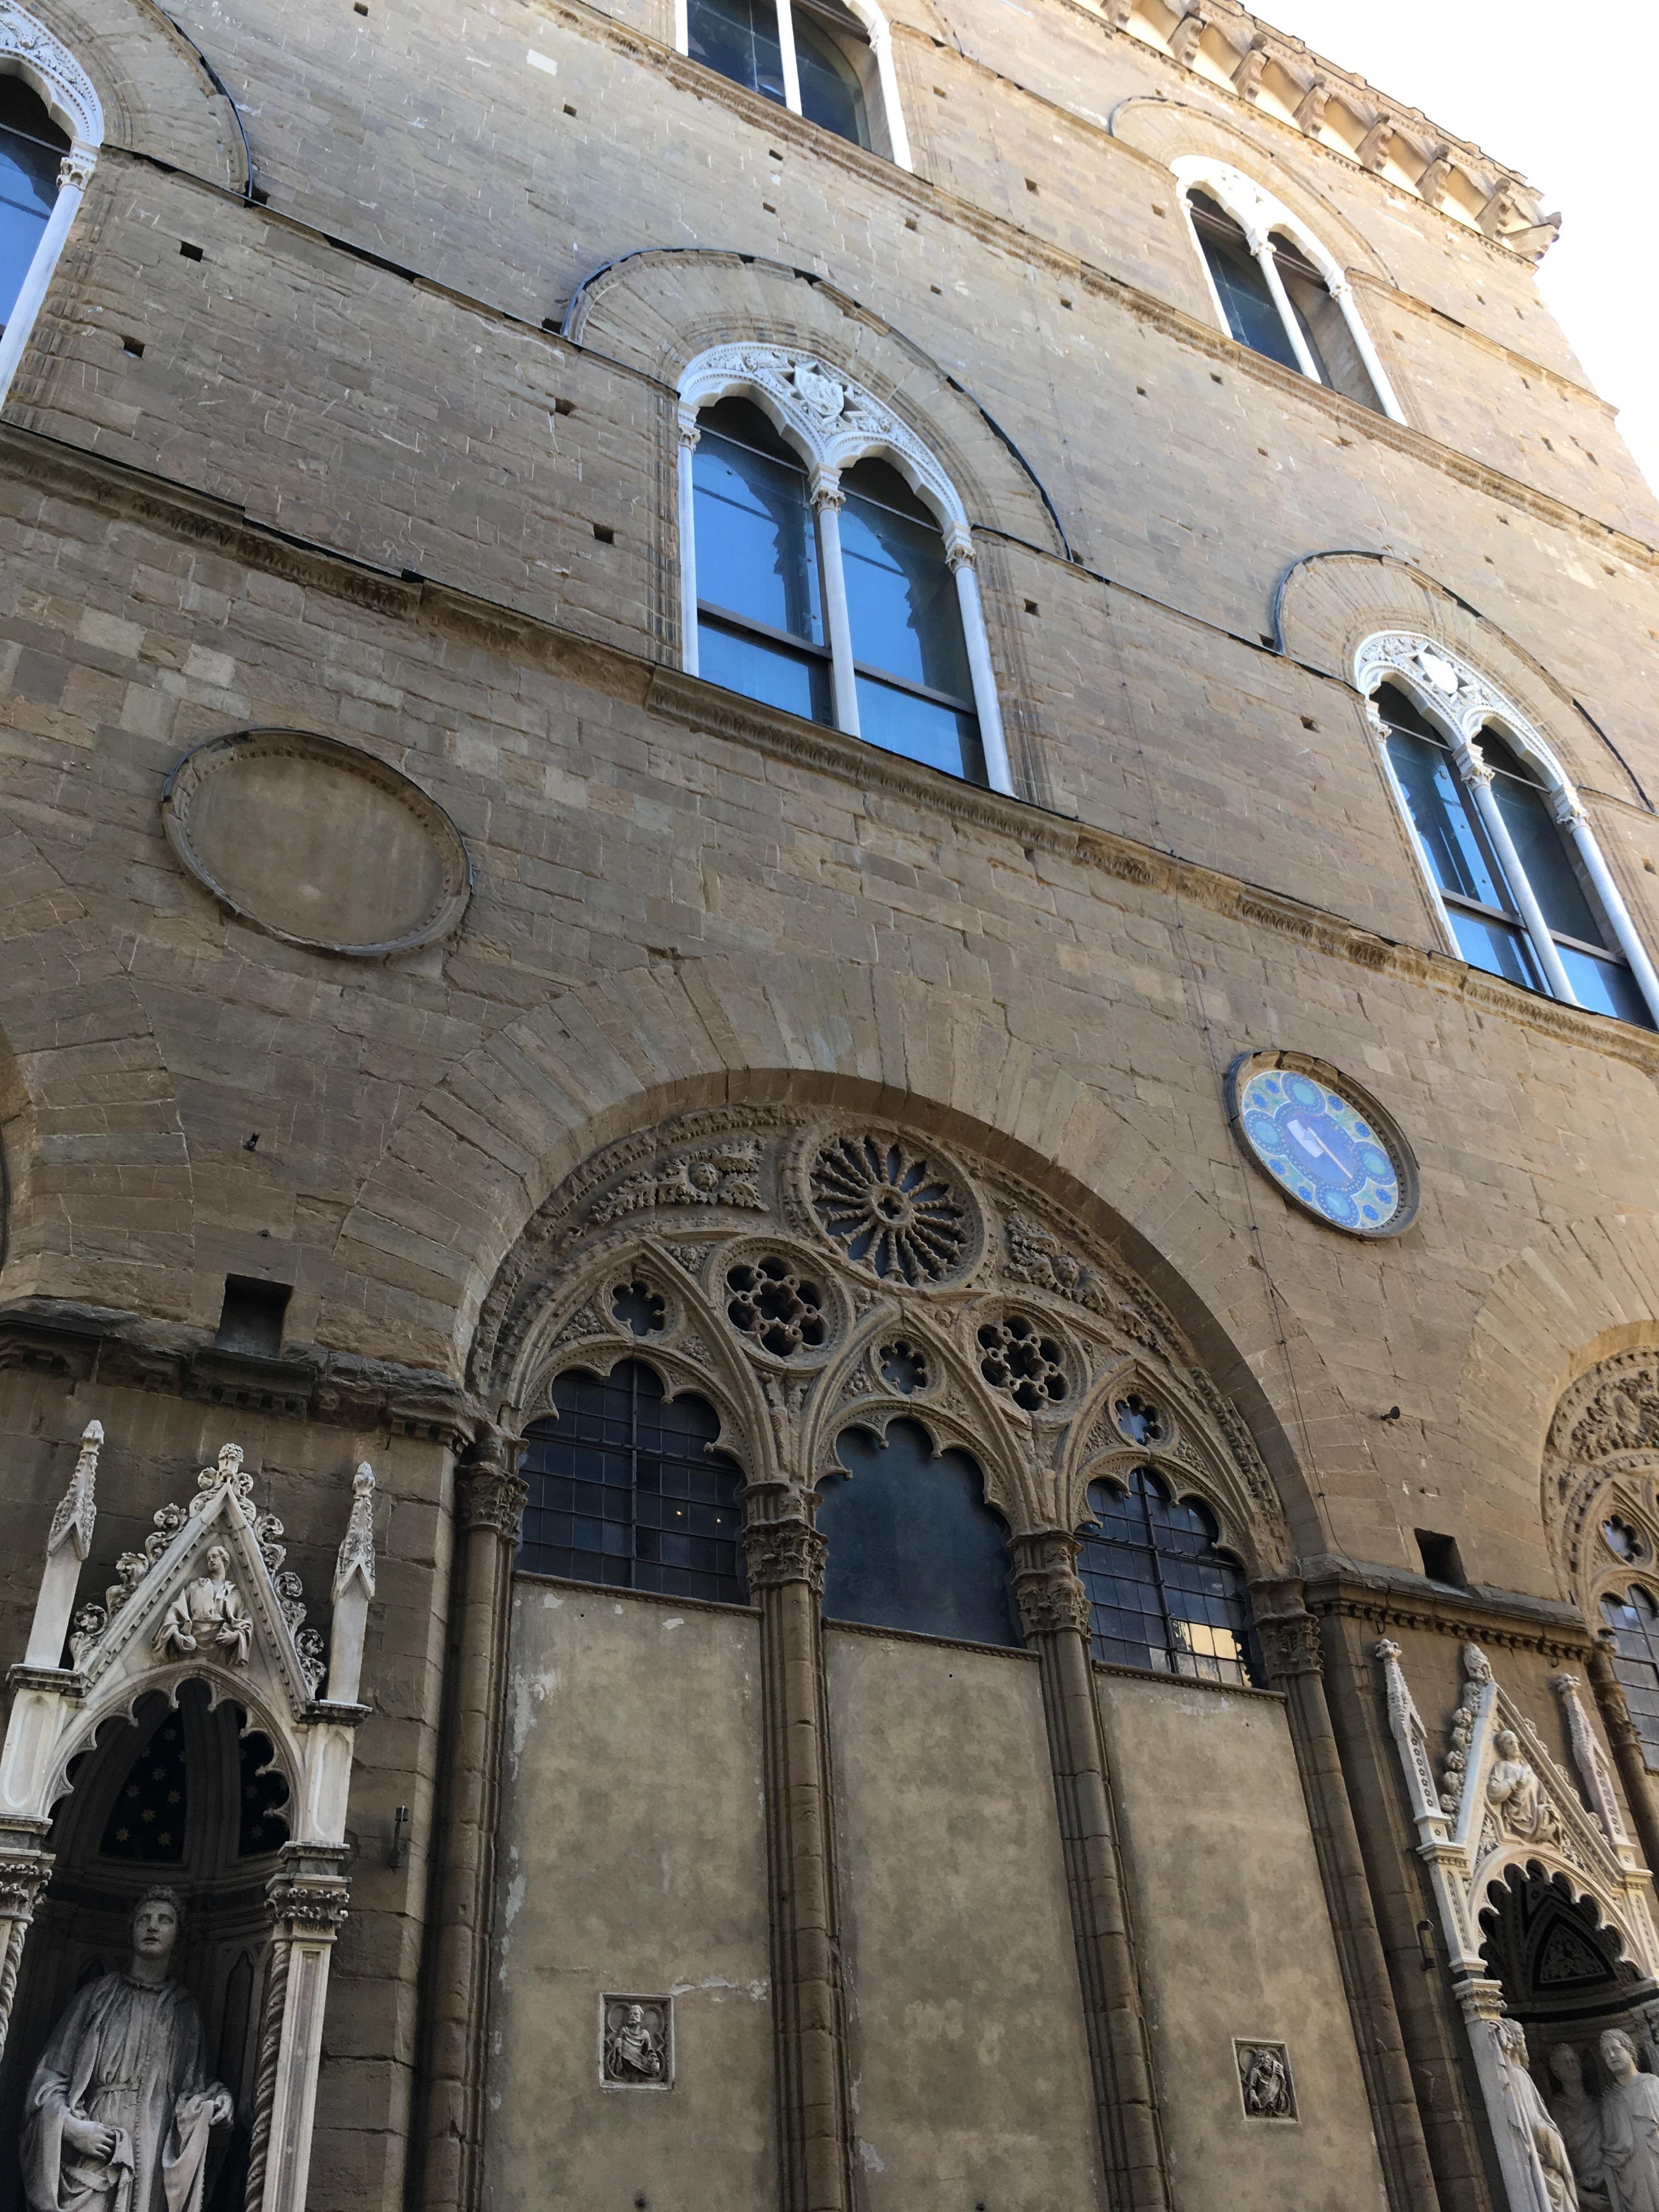 Studio legale investigativo criminologico laic laic for Societa italiana di criminologia